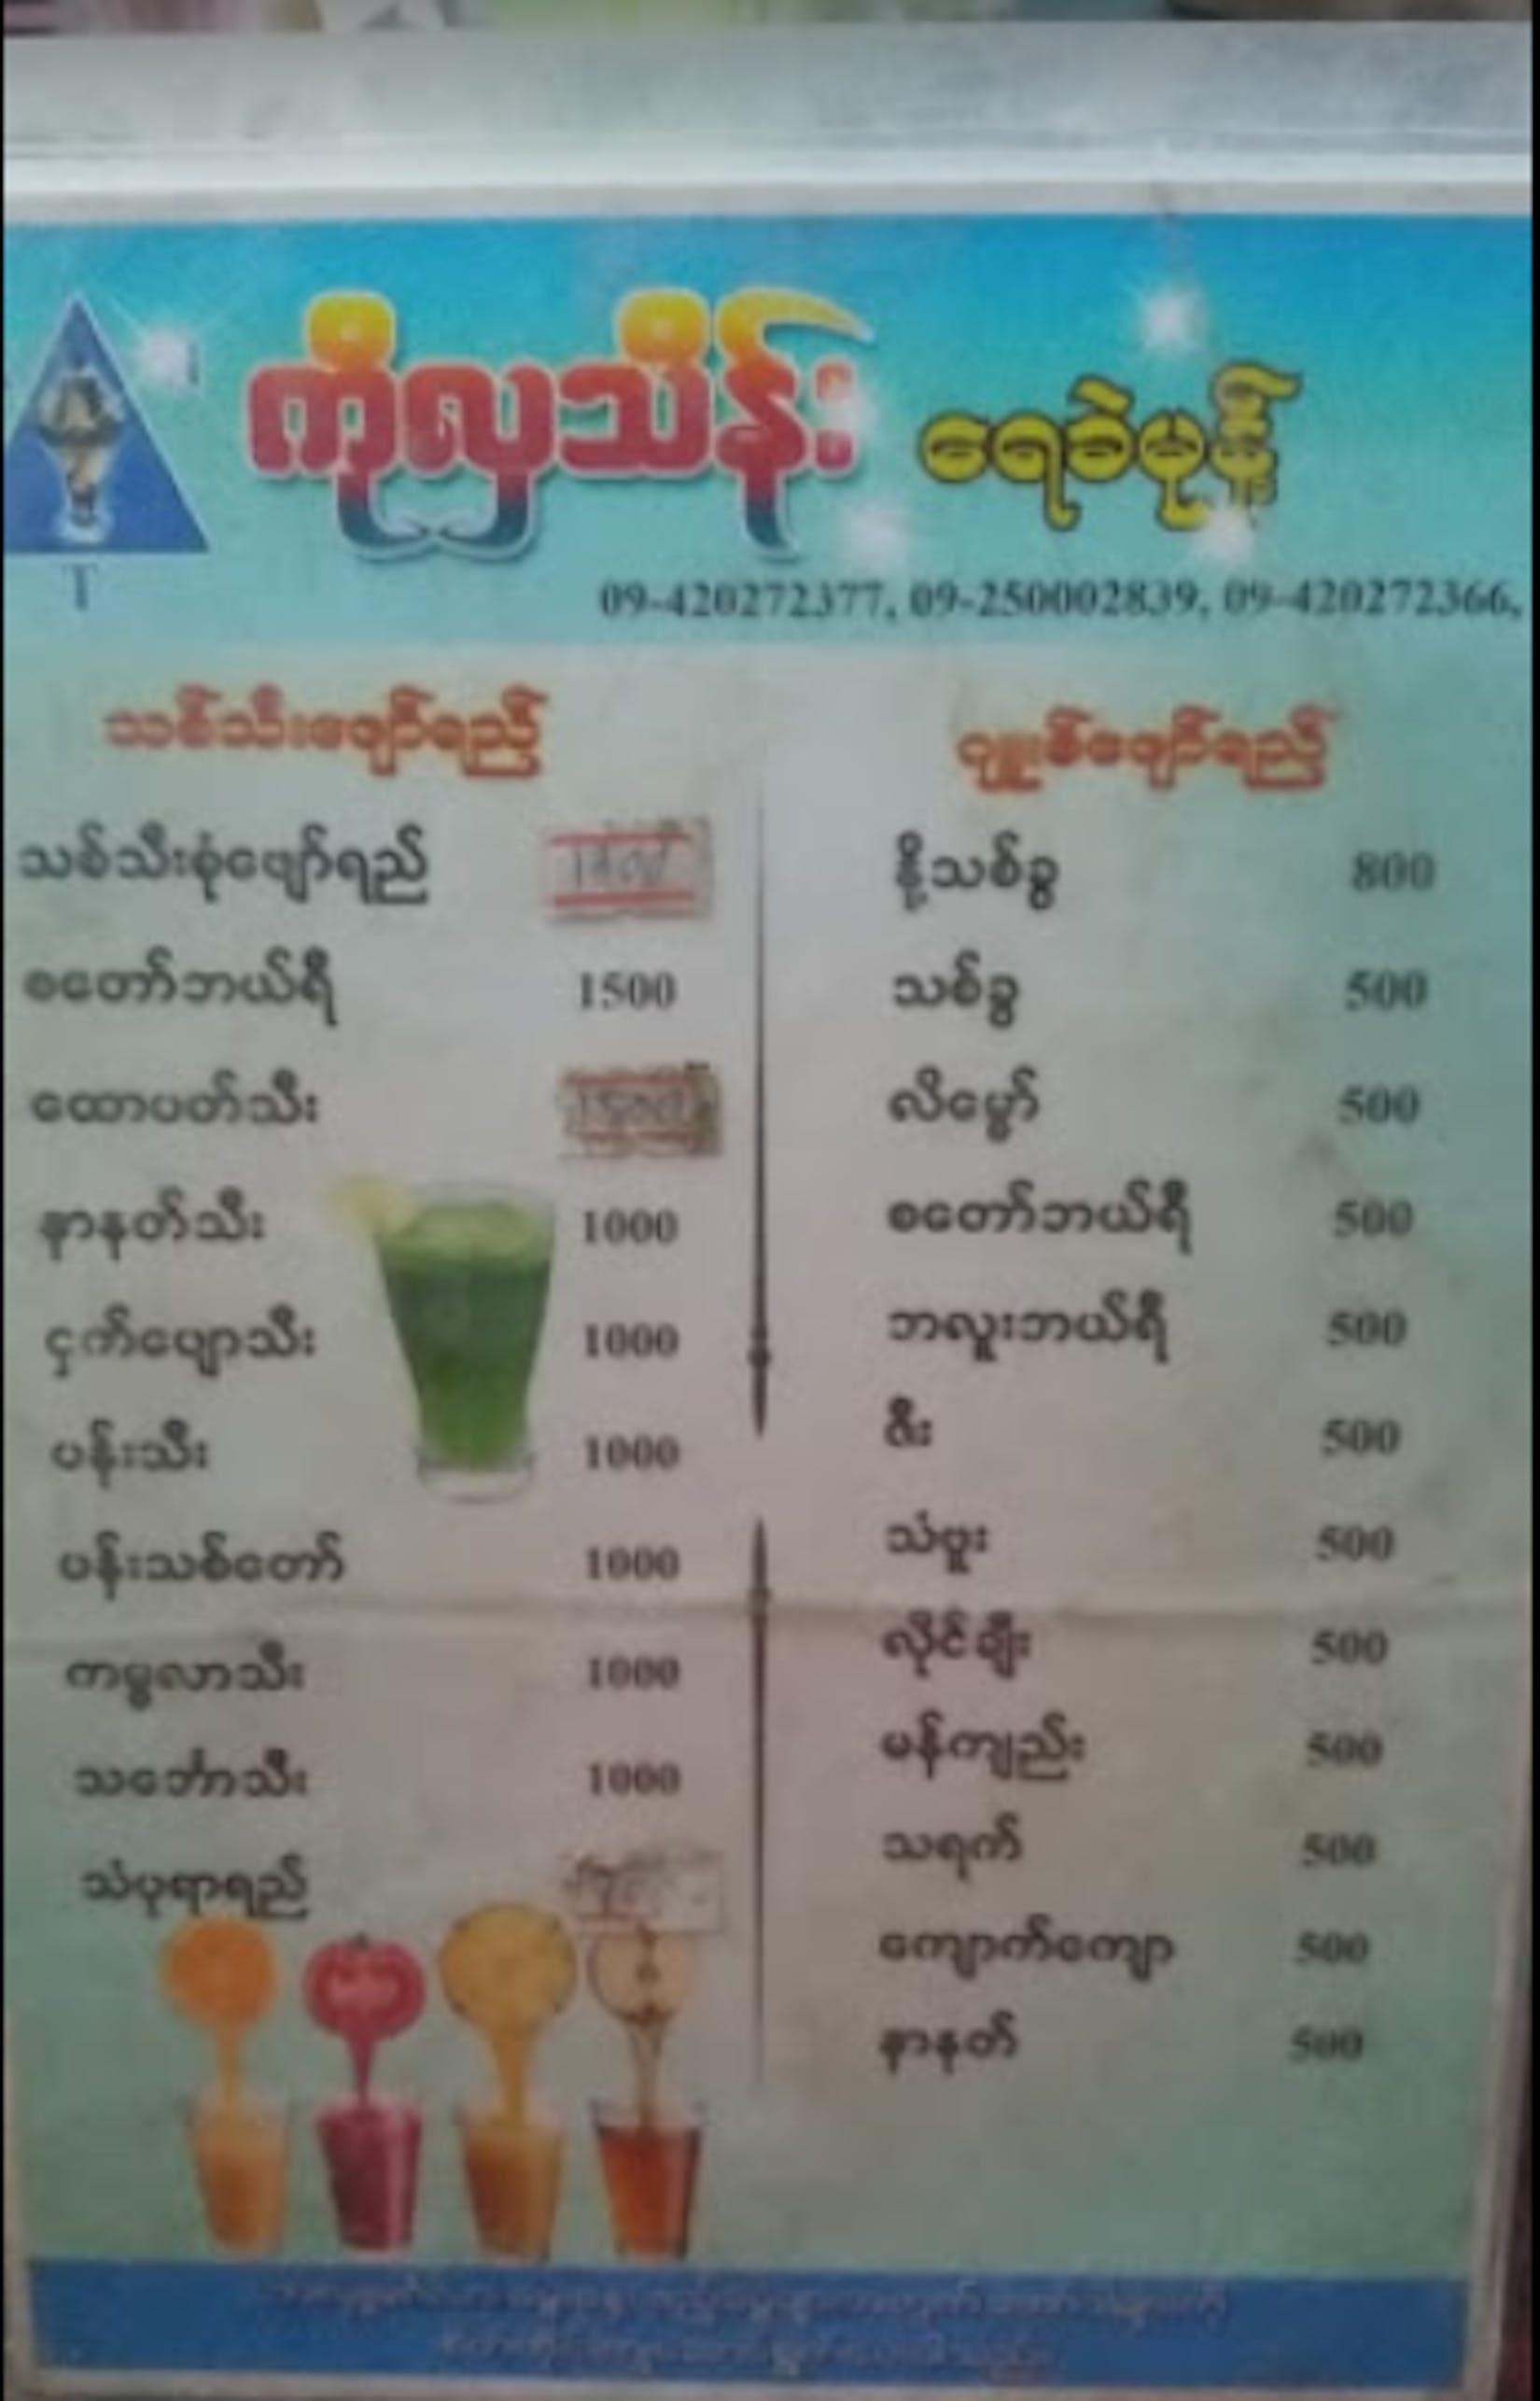 Ko Hla Thein Ice Cream And Dessert | yathar